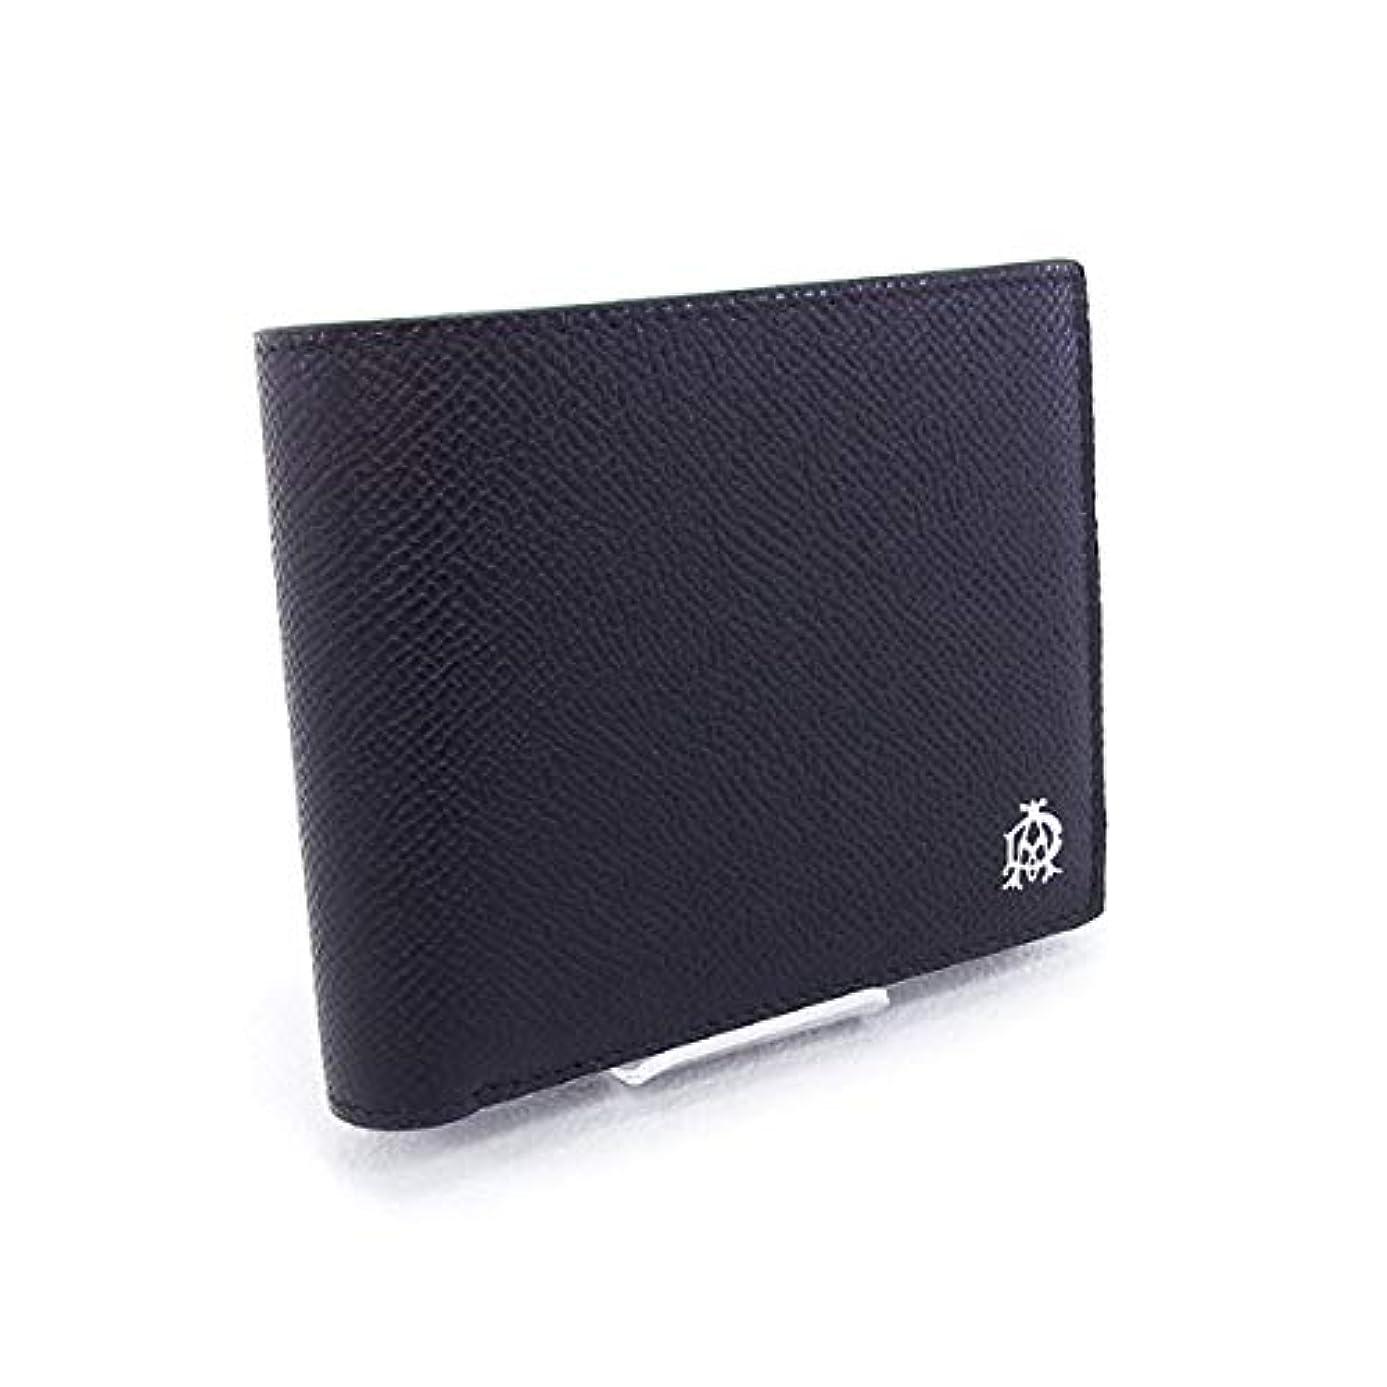 今精通した咽頭[ダンヒル] 財布 CADOGAN 折財布 ブラック (L2AC32A BK) [並行輸入品]